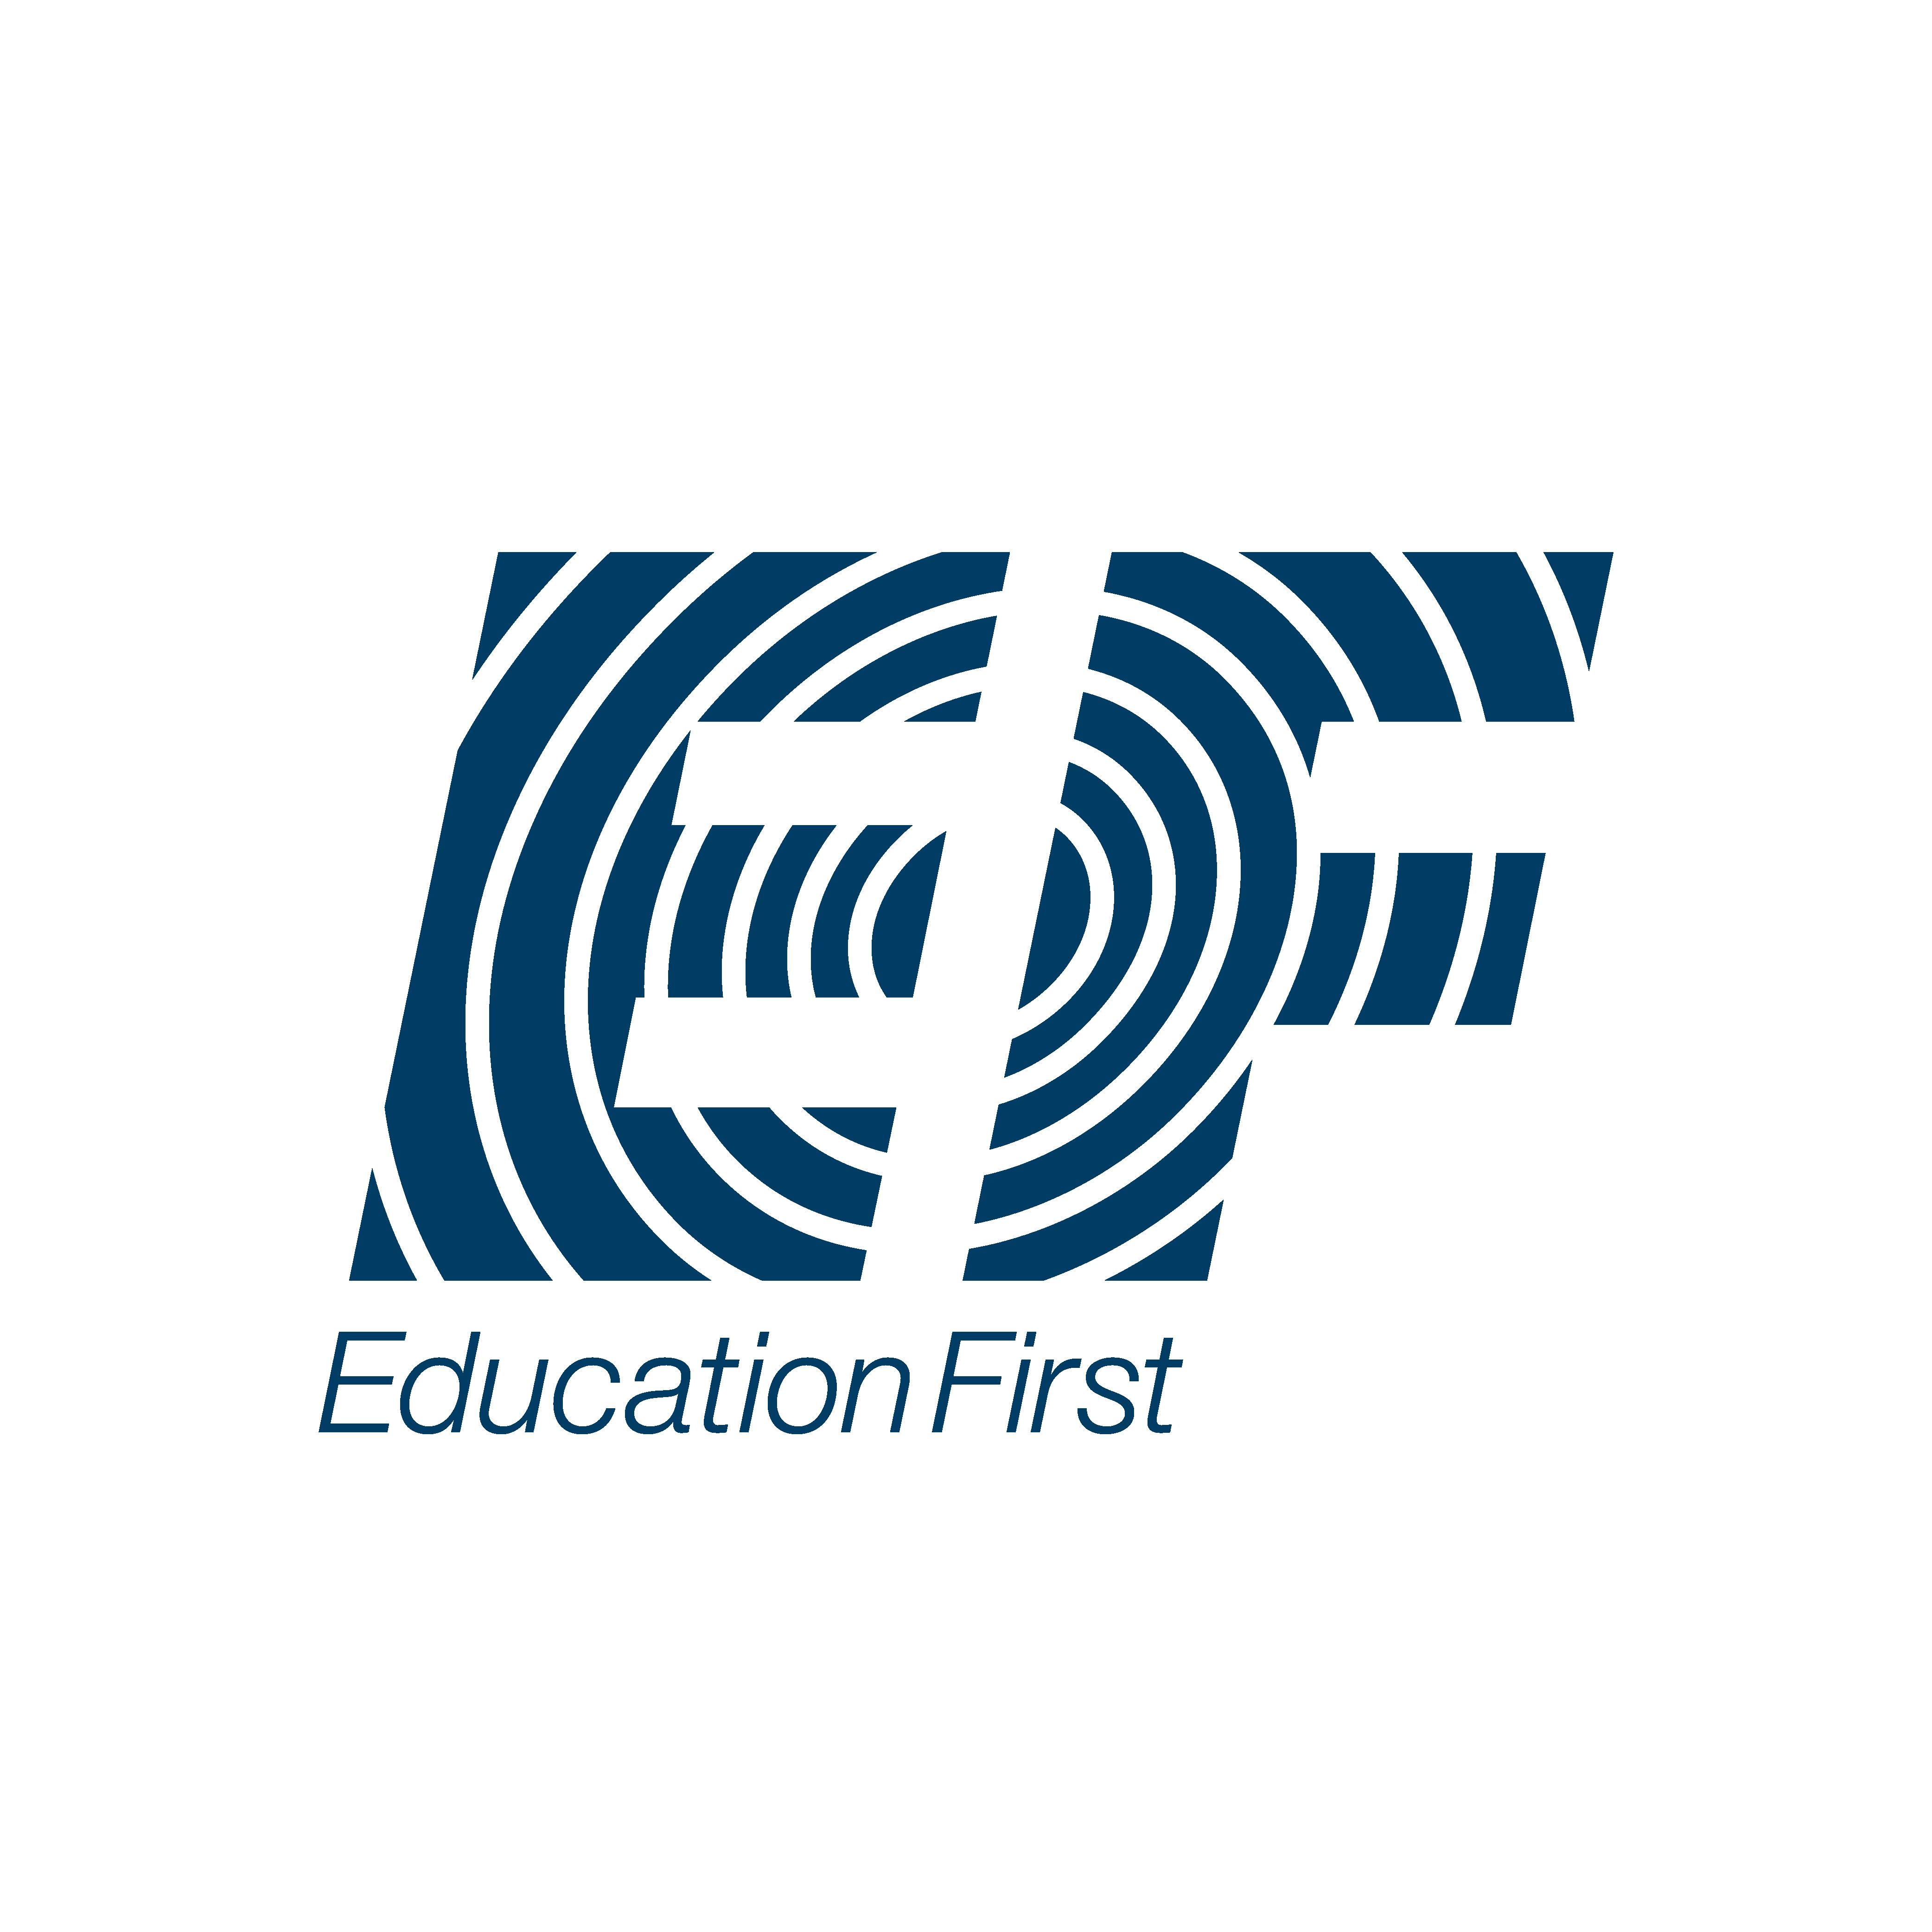 EF Education First Ltd. logo